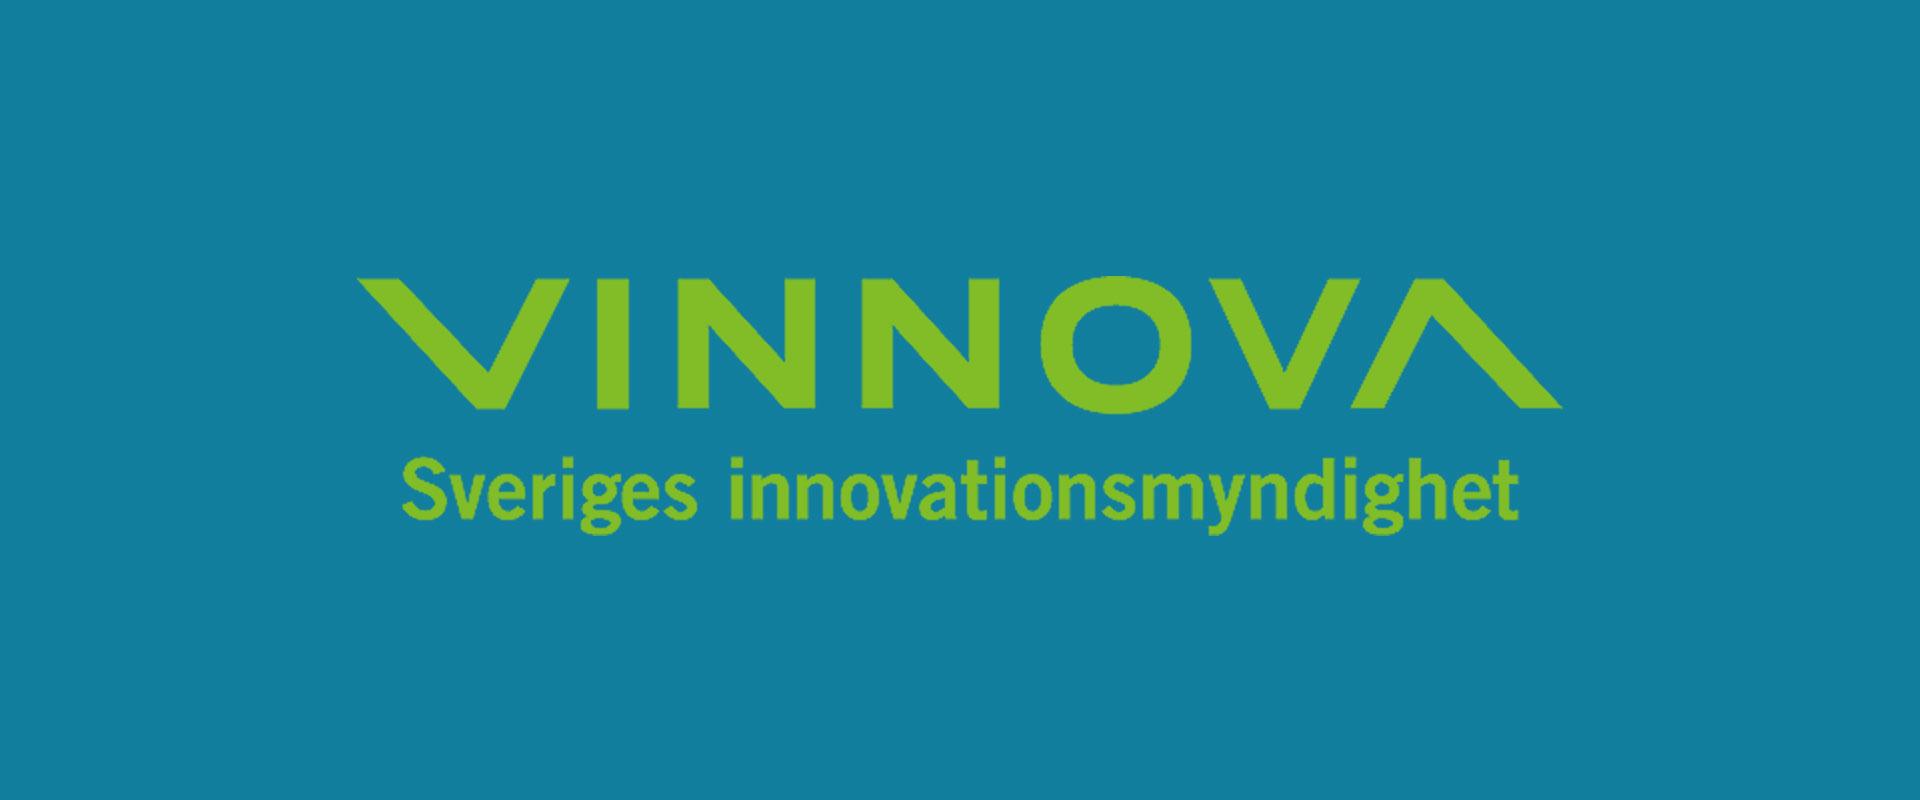 vinnova-innovativa-startup-innobrain